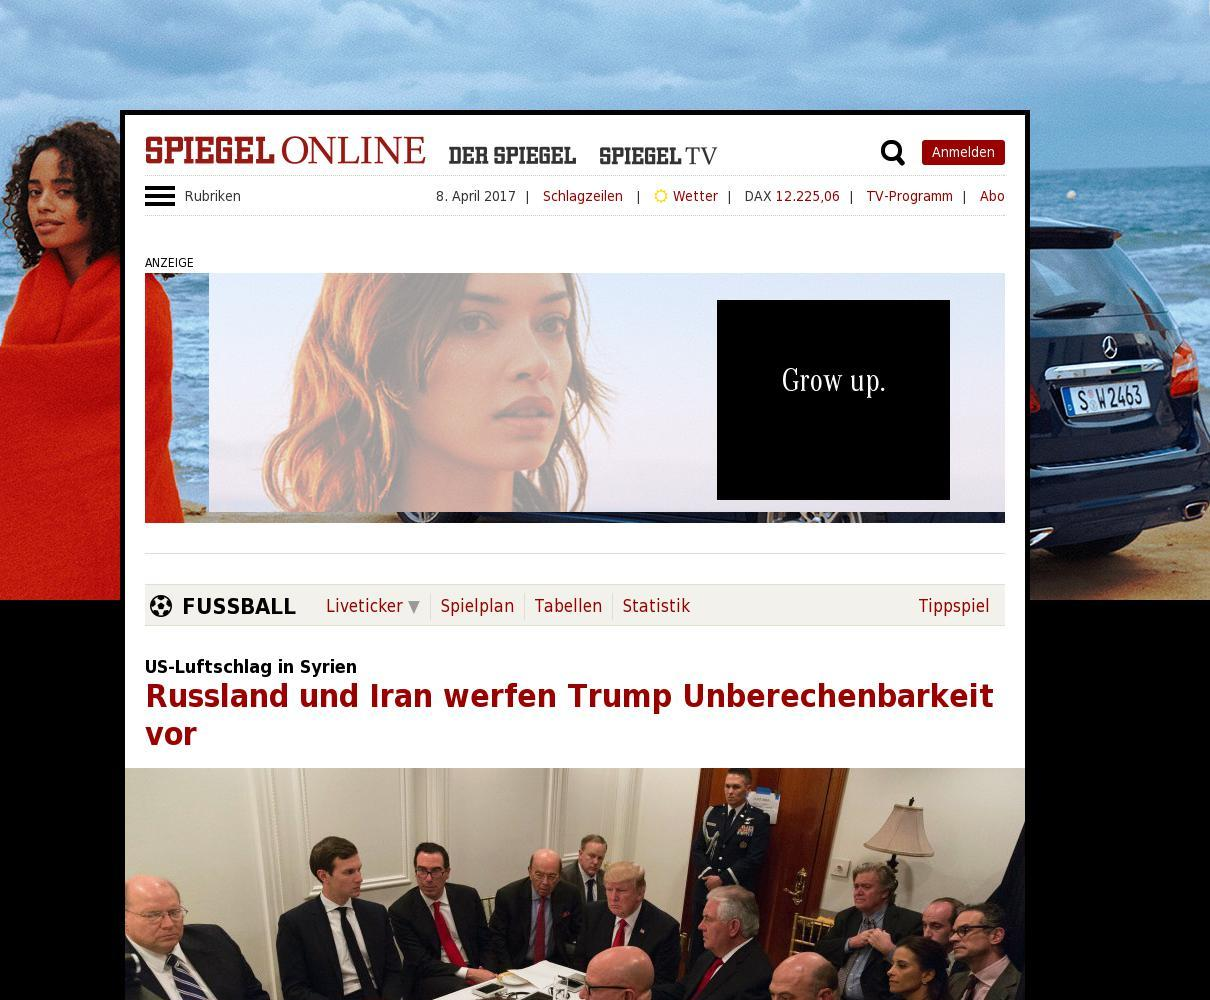 Spiegel Online